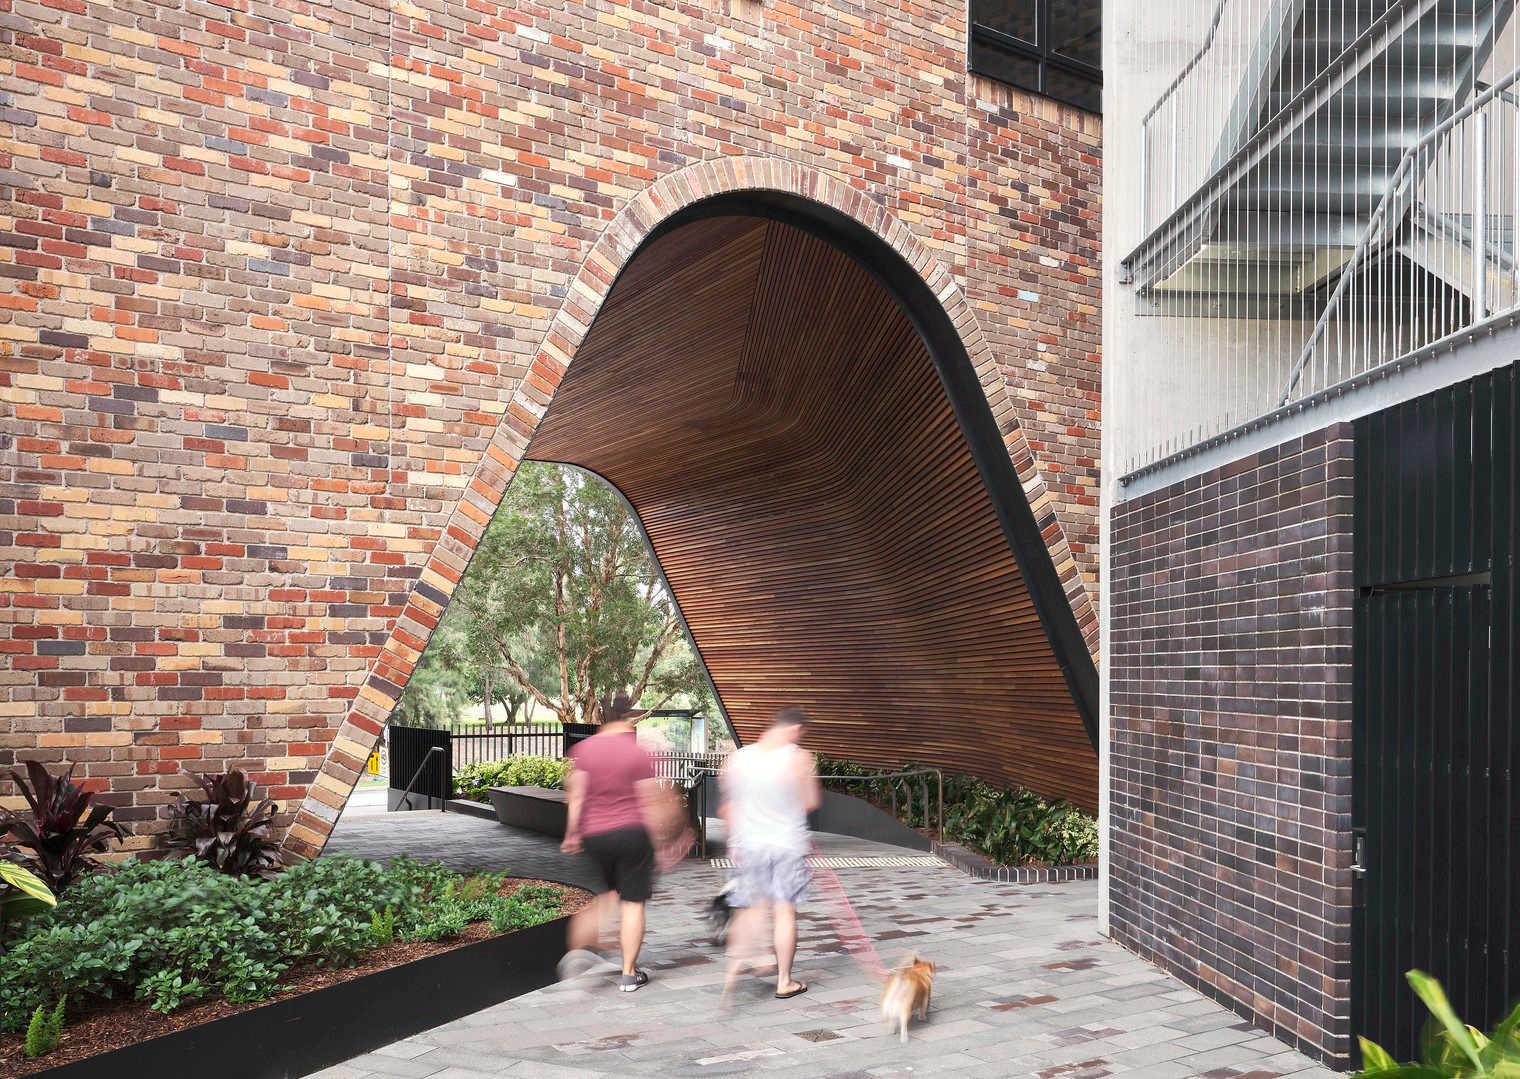 DKO Architecture, BREATHE Architecture